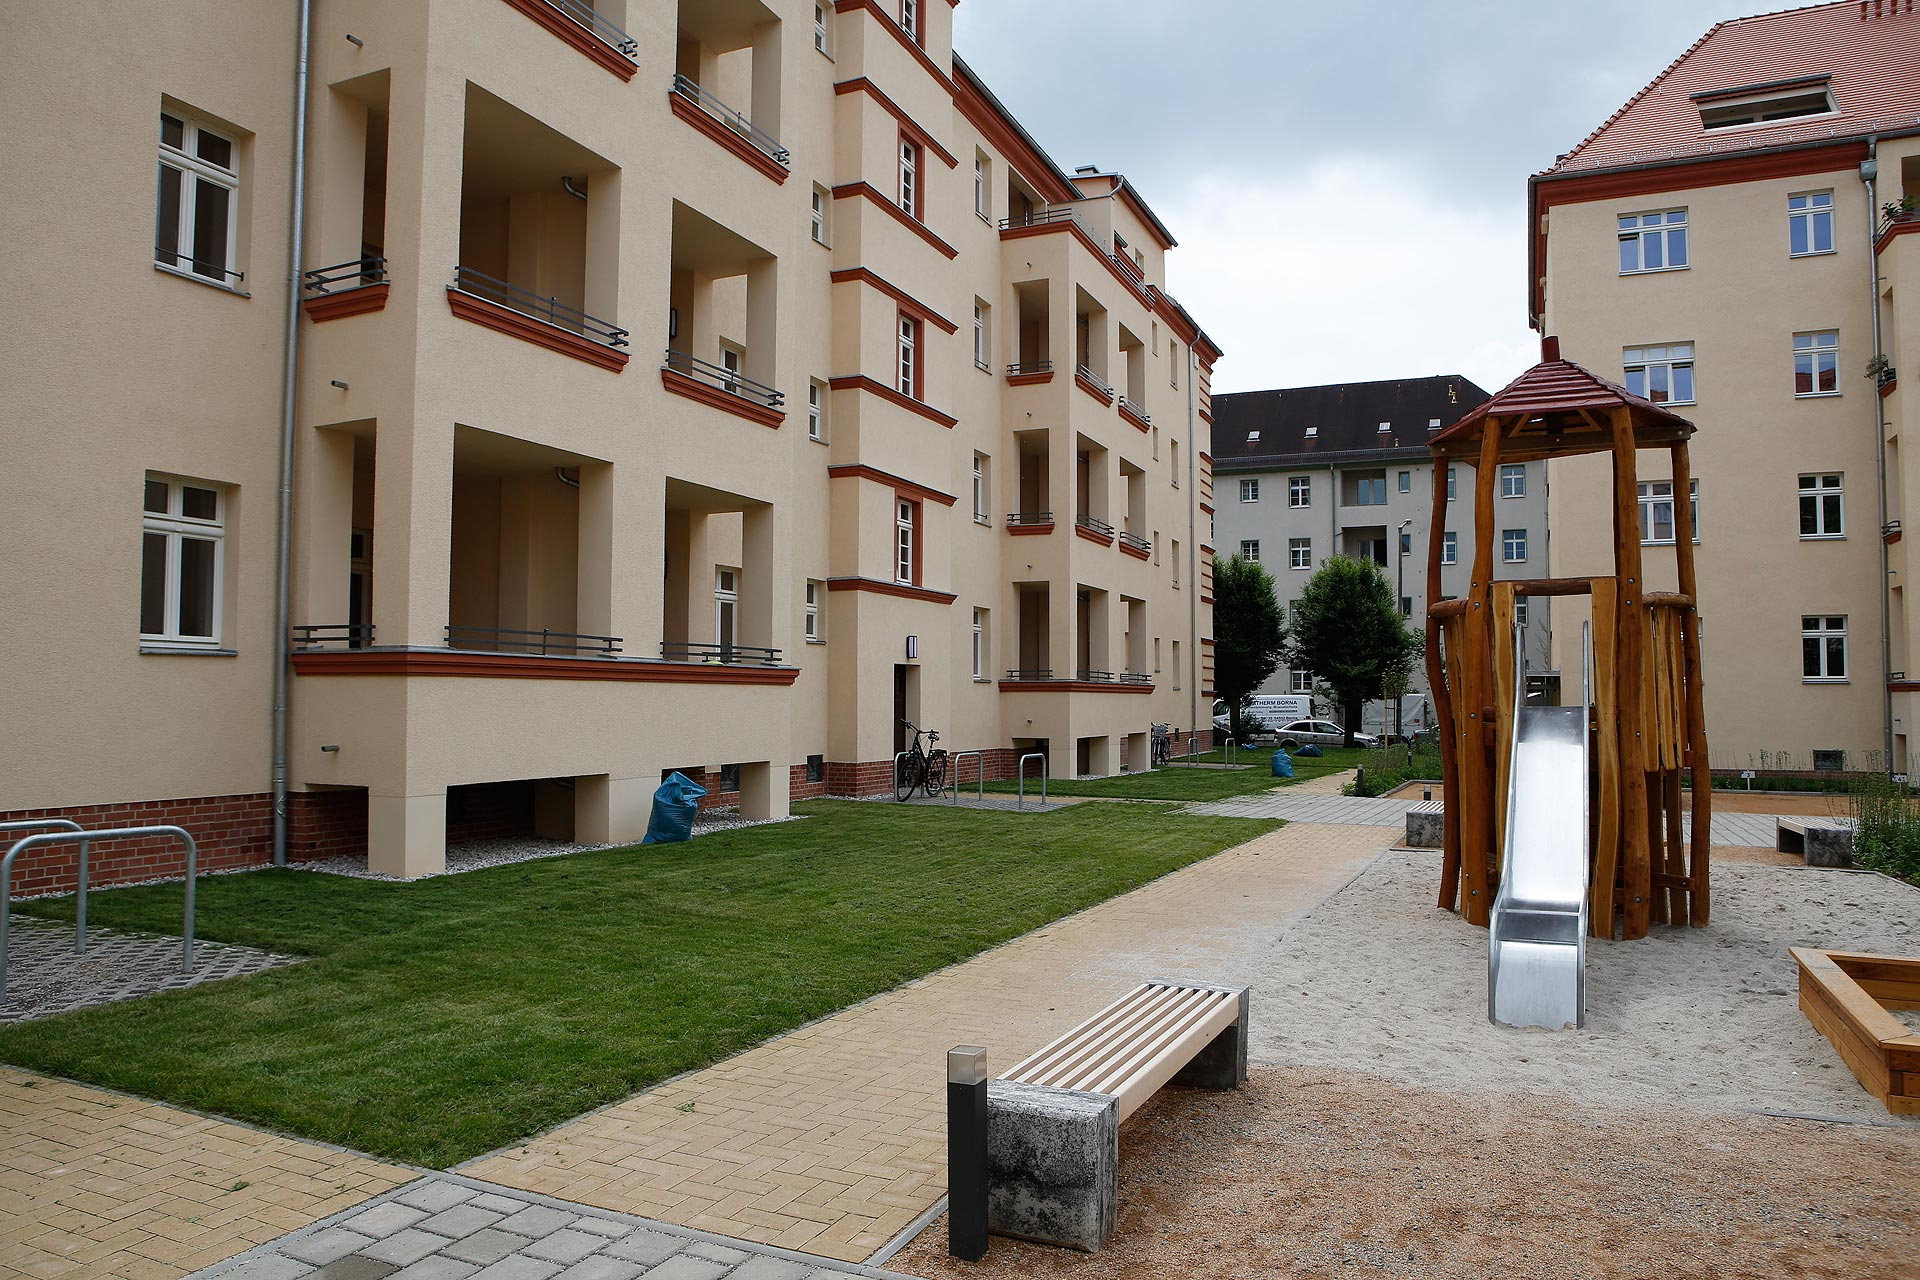 Die GRK sanierte die Häuser. Heute können im Innenhof Kinder spielen.